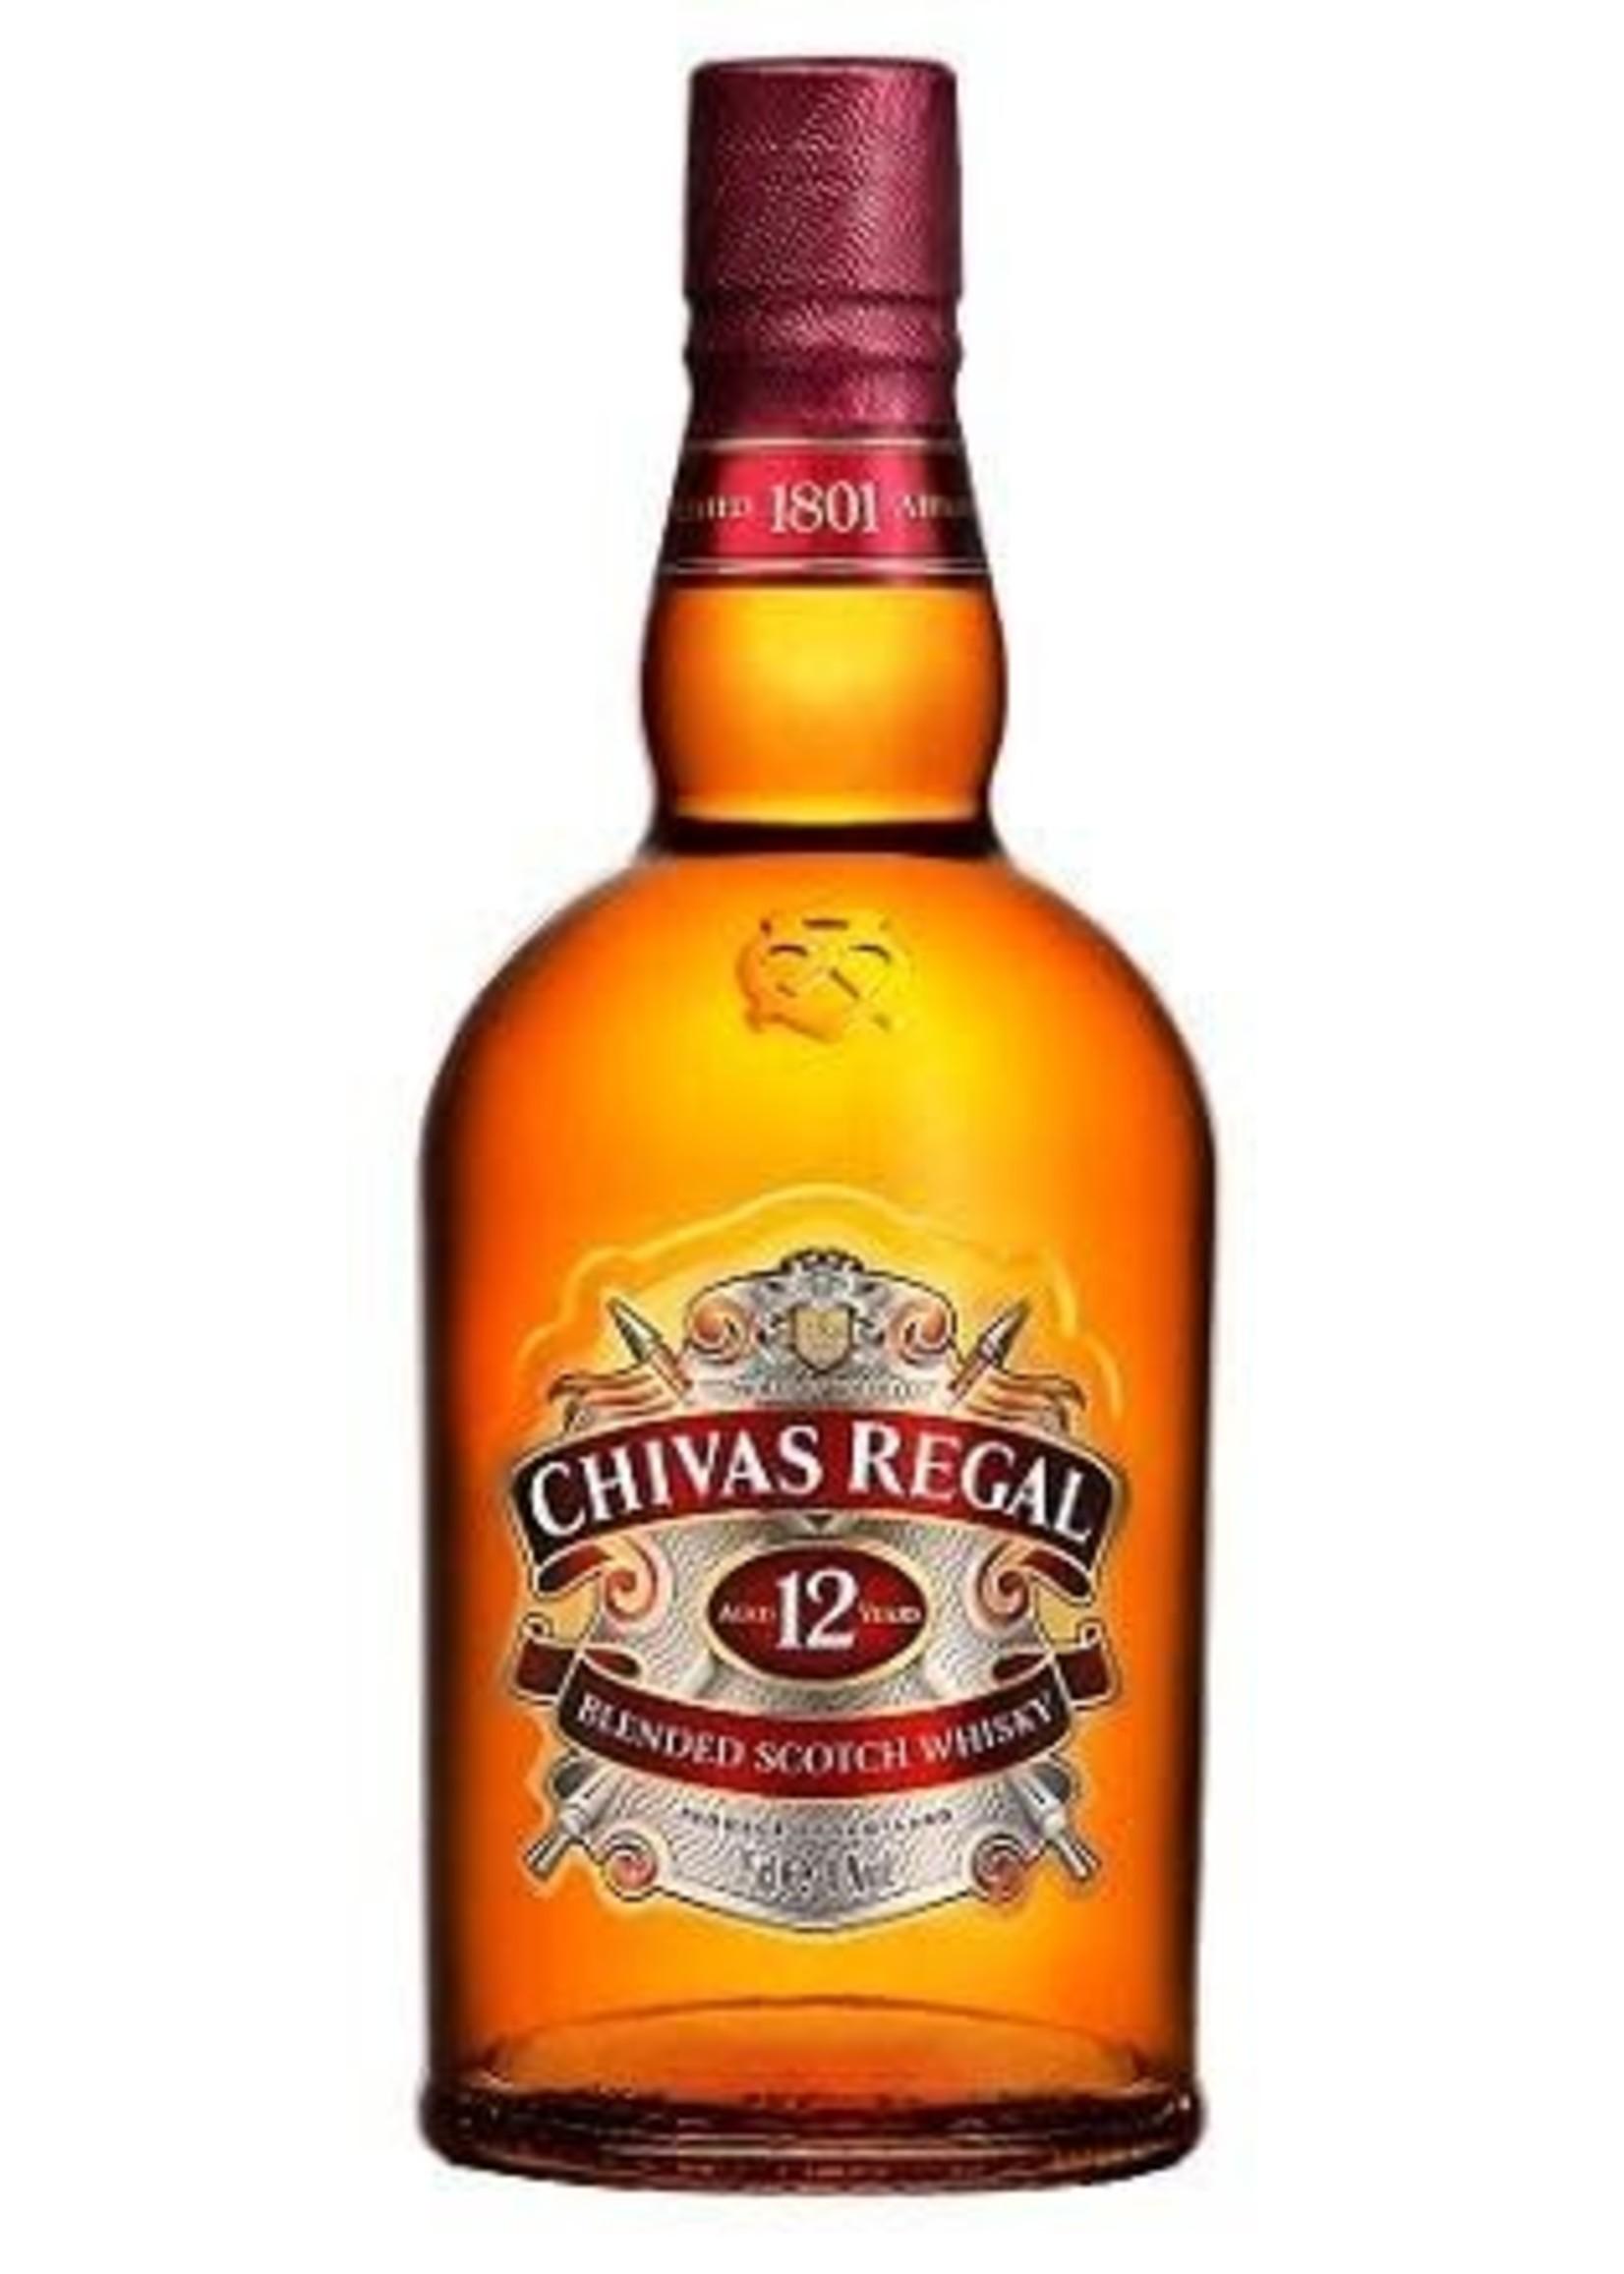 Chivas Regal Chivas Regal / 12 Year Scotch Whisky